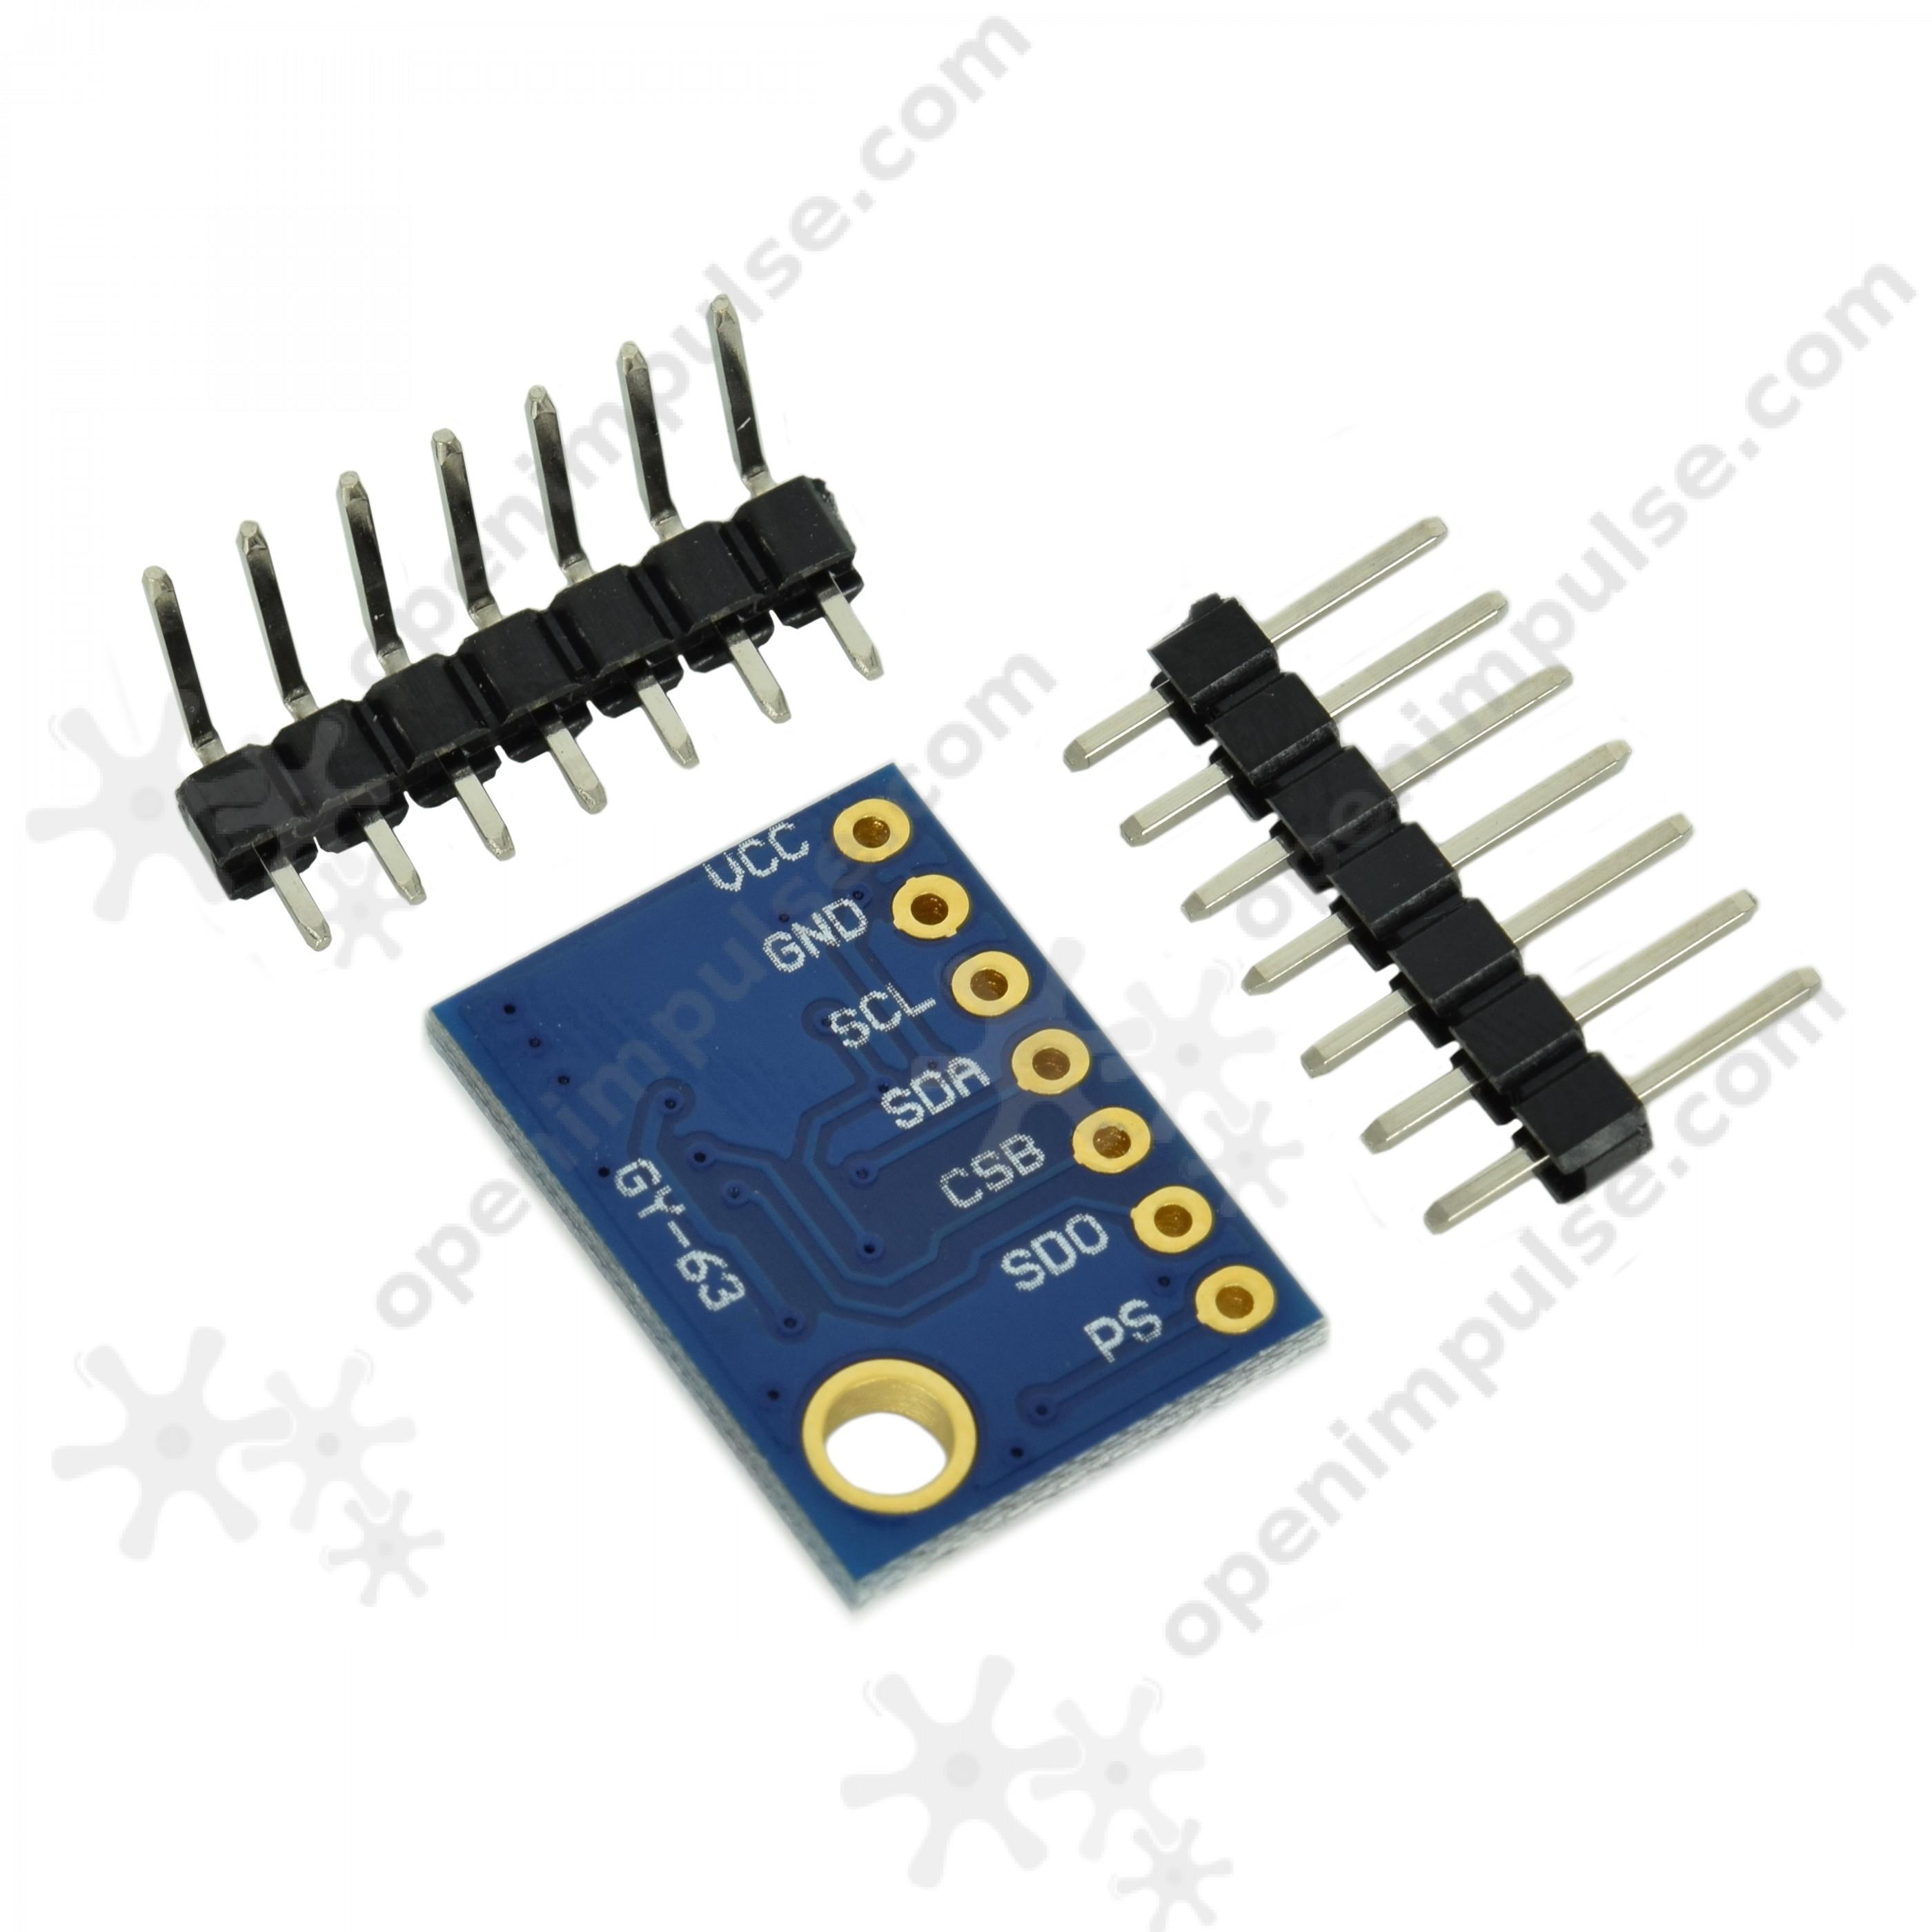 B Baosity MS5611 Barometer Air Pressure Sensor Support Pin Card For